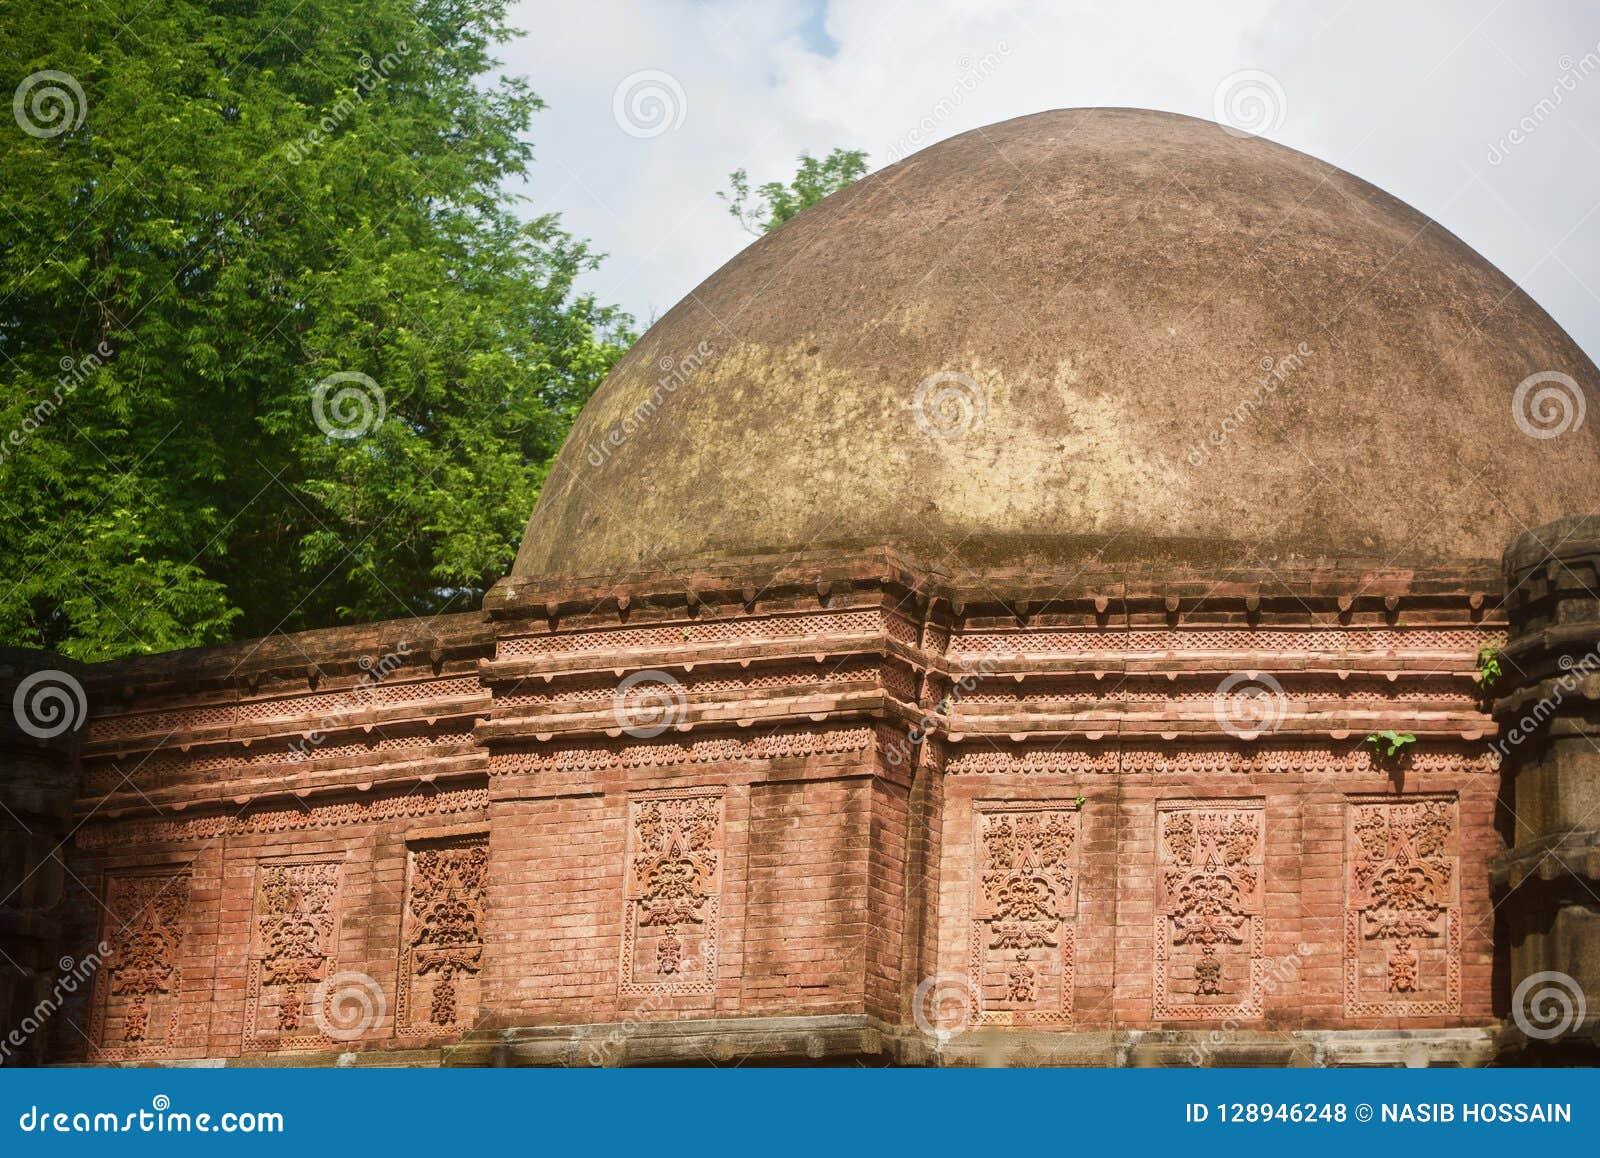 Parts of a large minaret of an ancient mosque unique photo